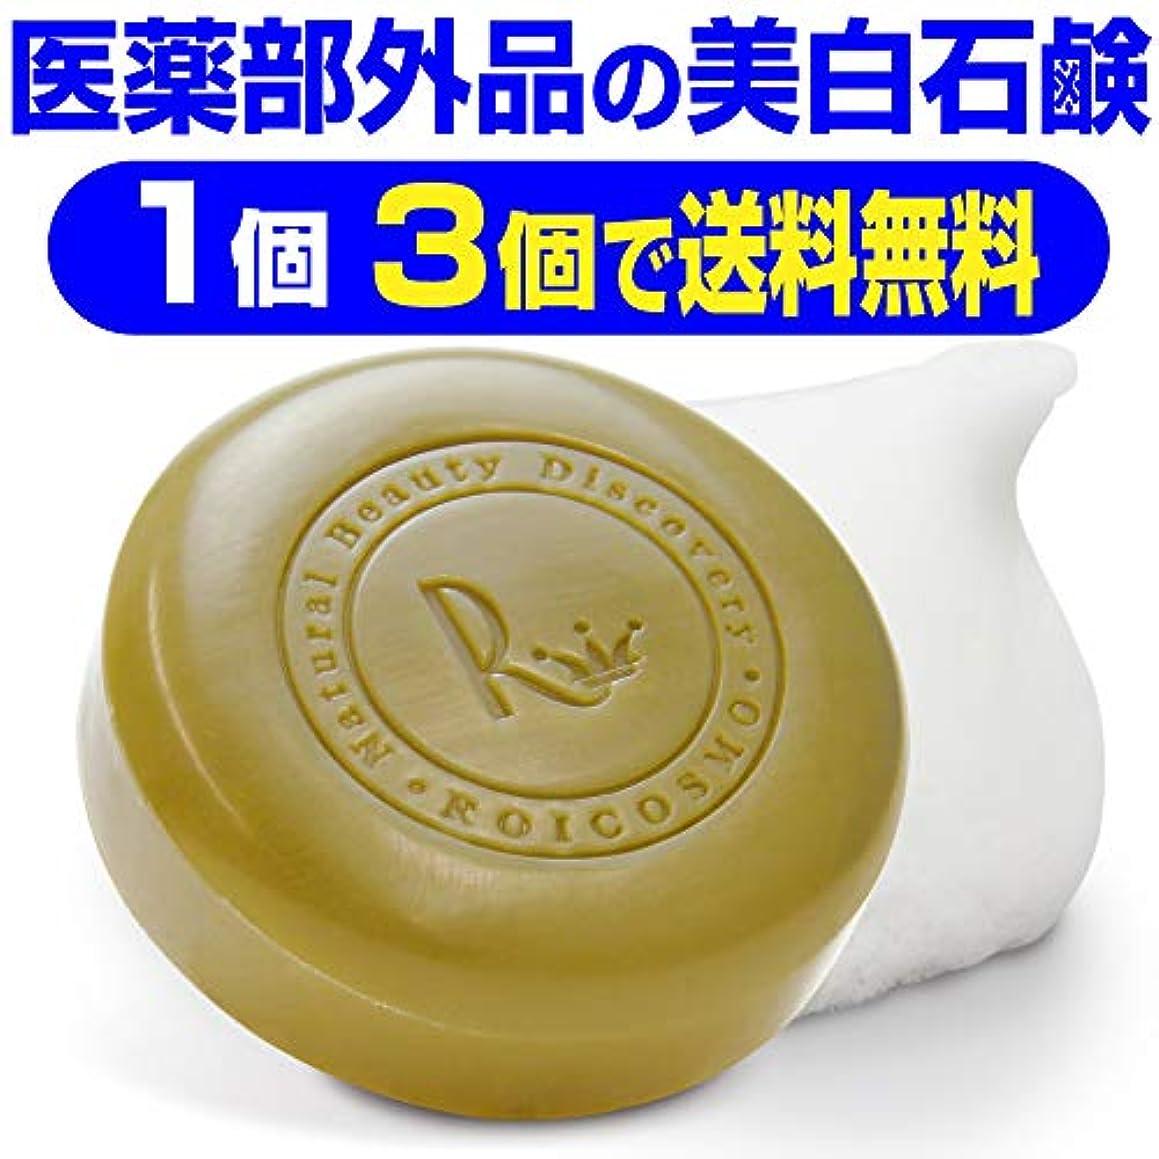 地中海開発名目上の美白石鹸/ビタミンC270倍の美白成分配合の 洗顔石鹸 固形『ホワイトソープ100g×1個』